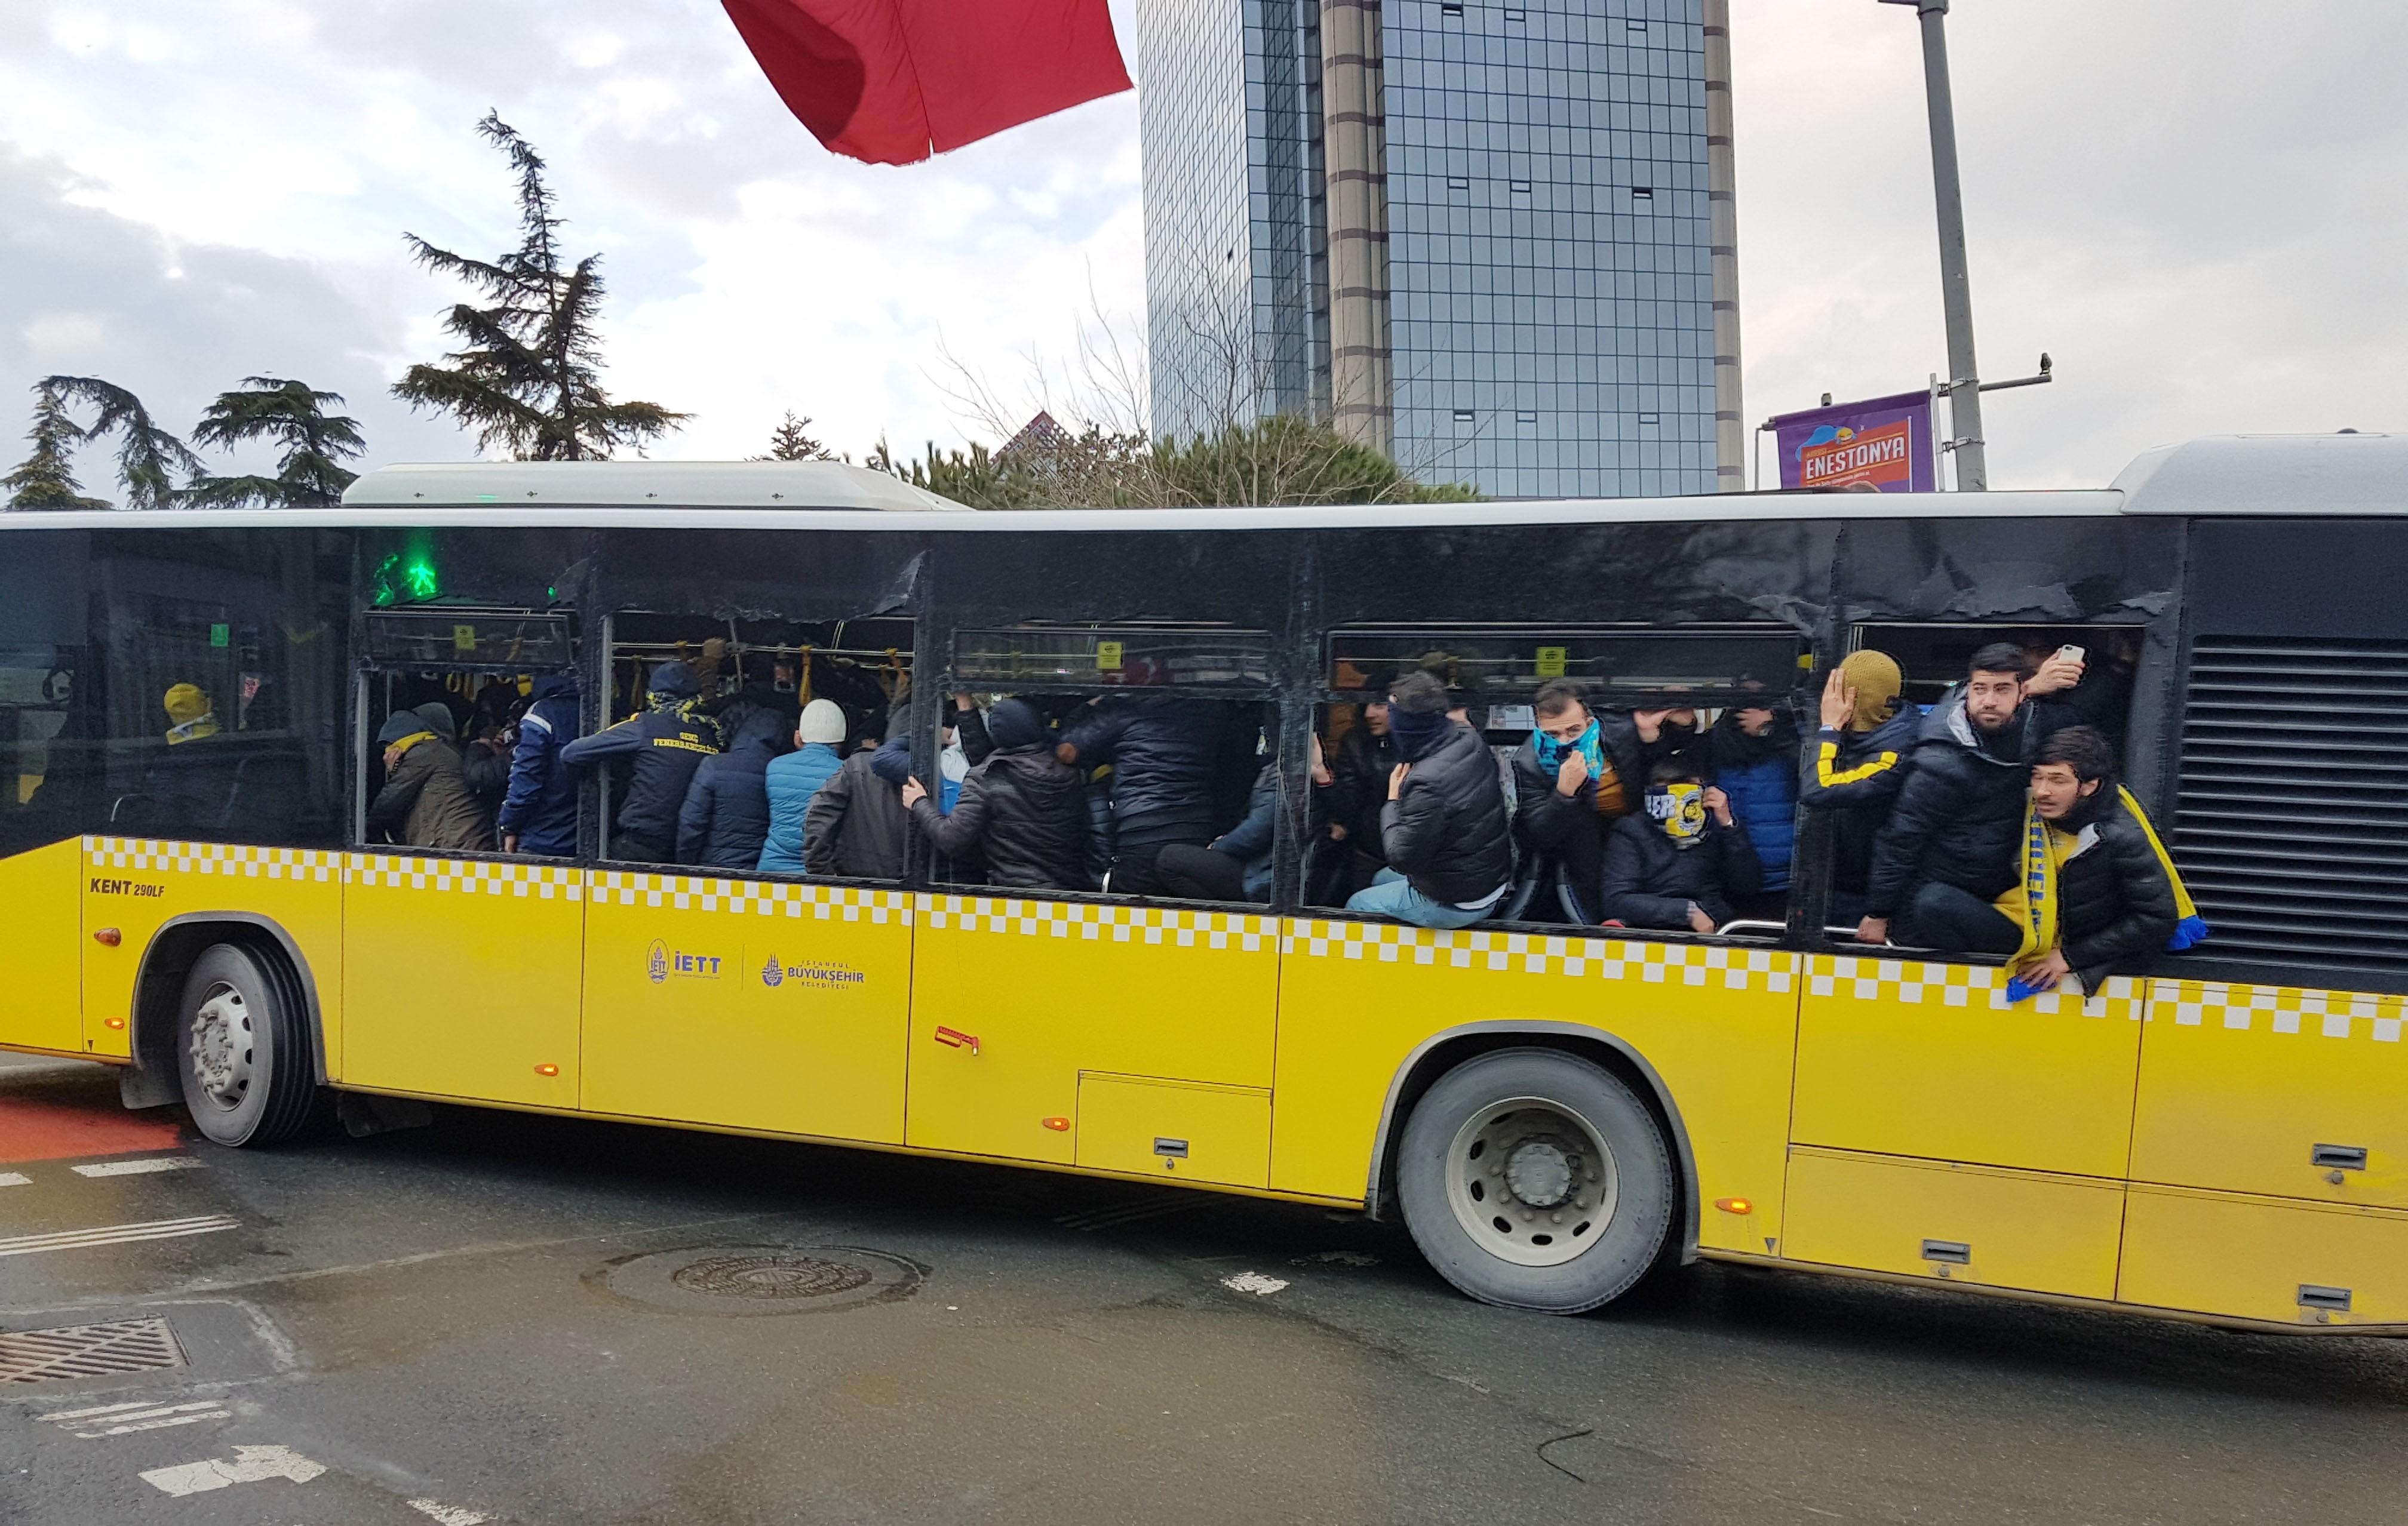 Beşiktaş Fenerbahçe maçında Kavga! Dusco Tosic Van Persie kavga etti